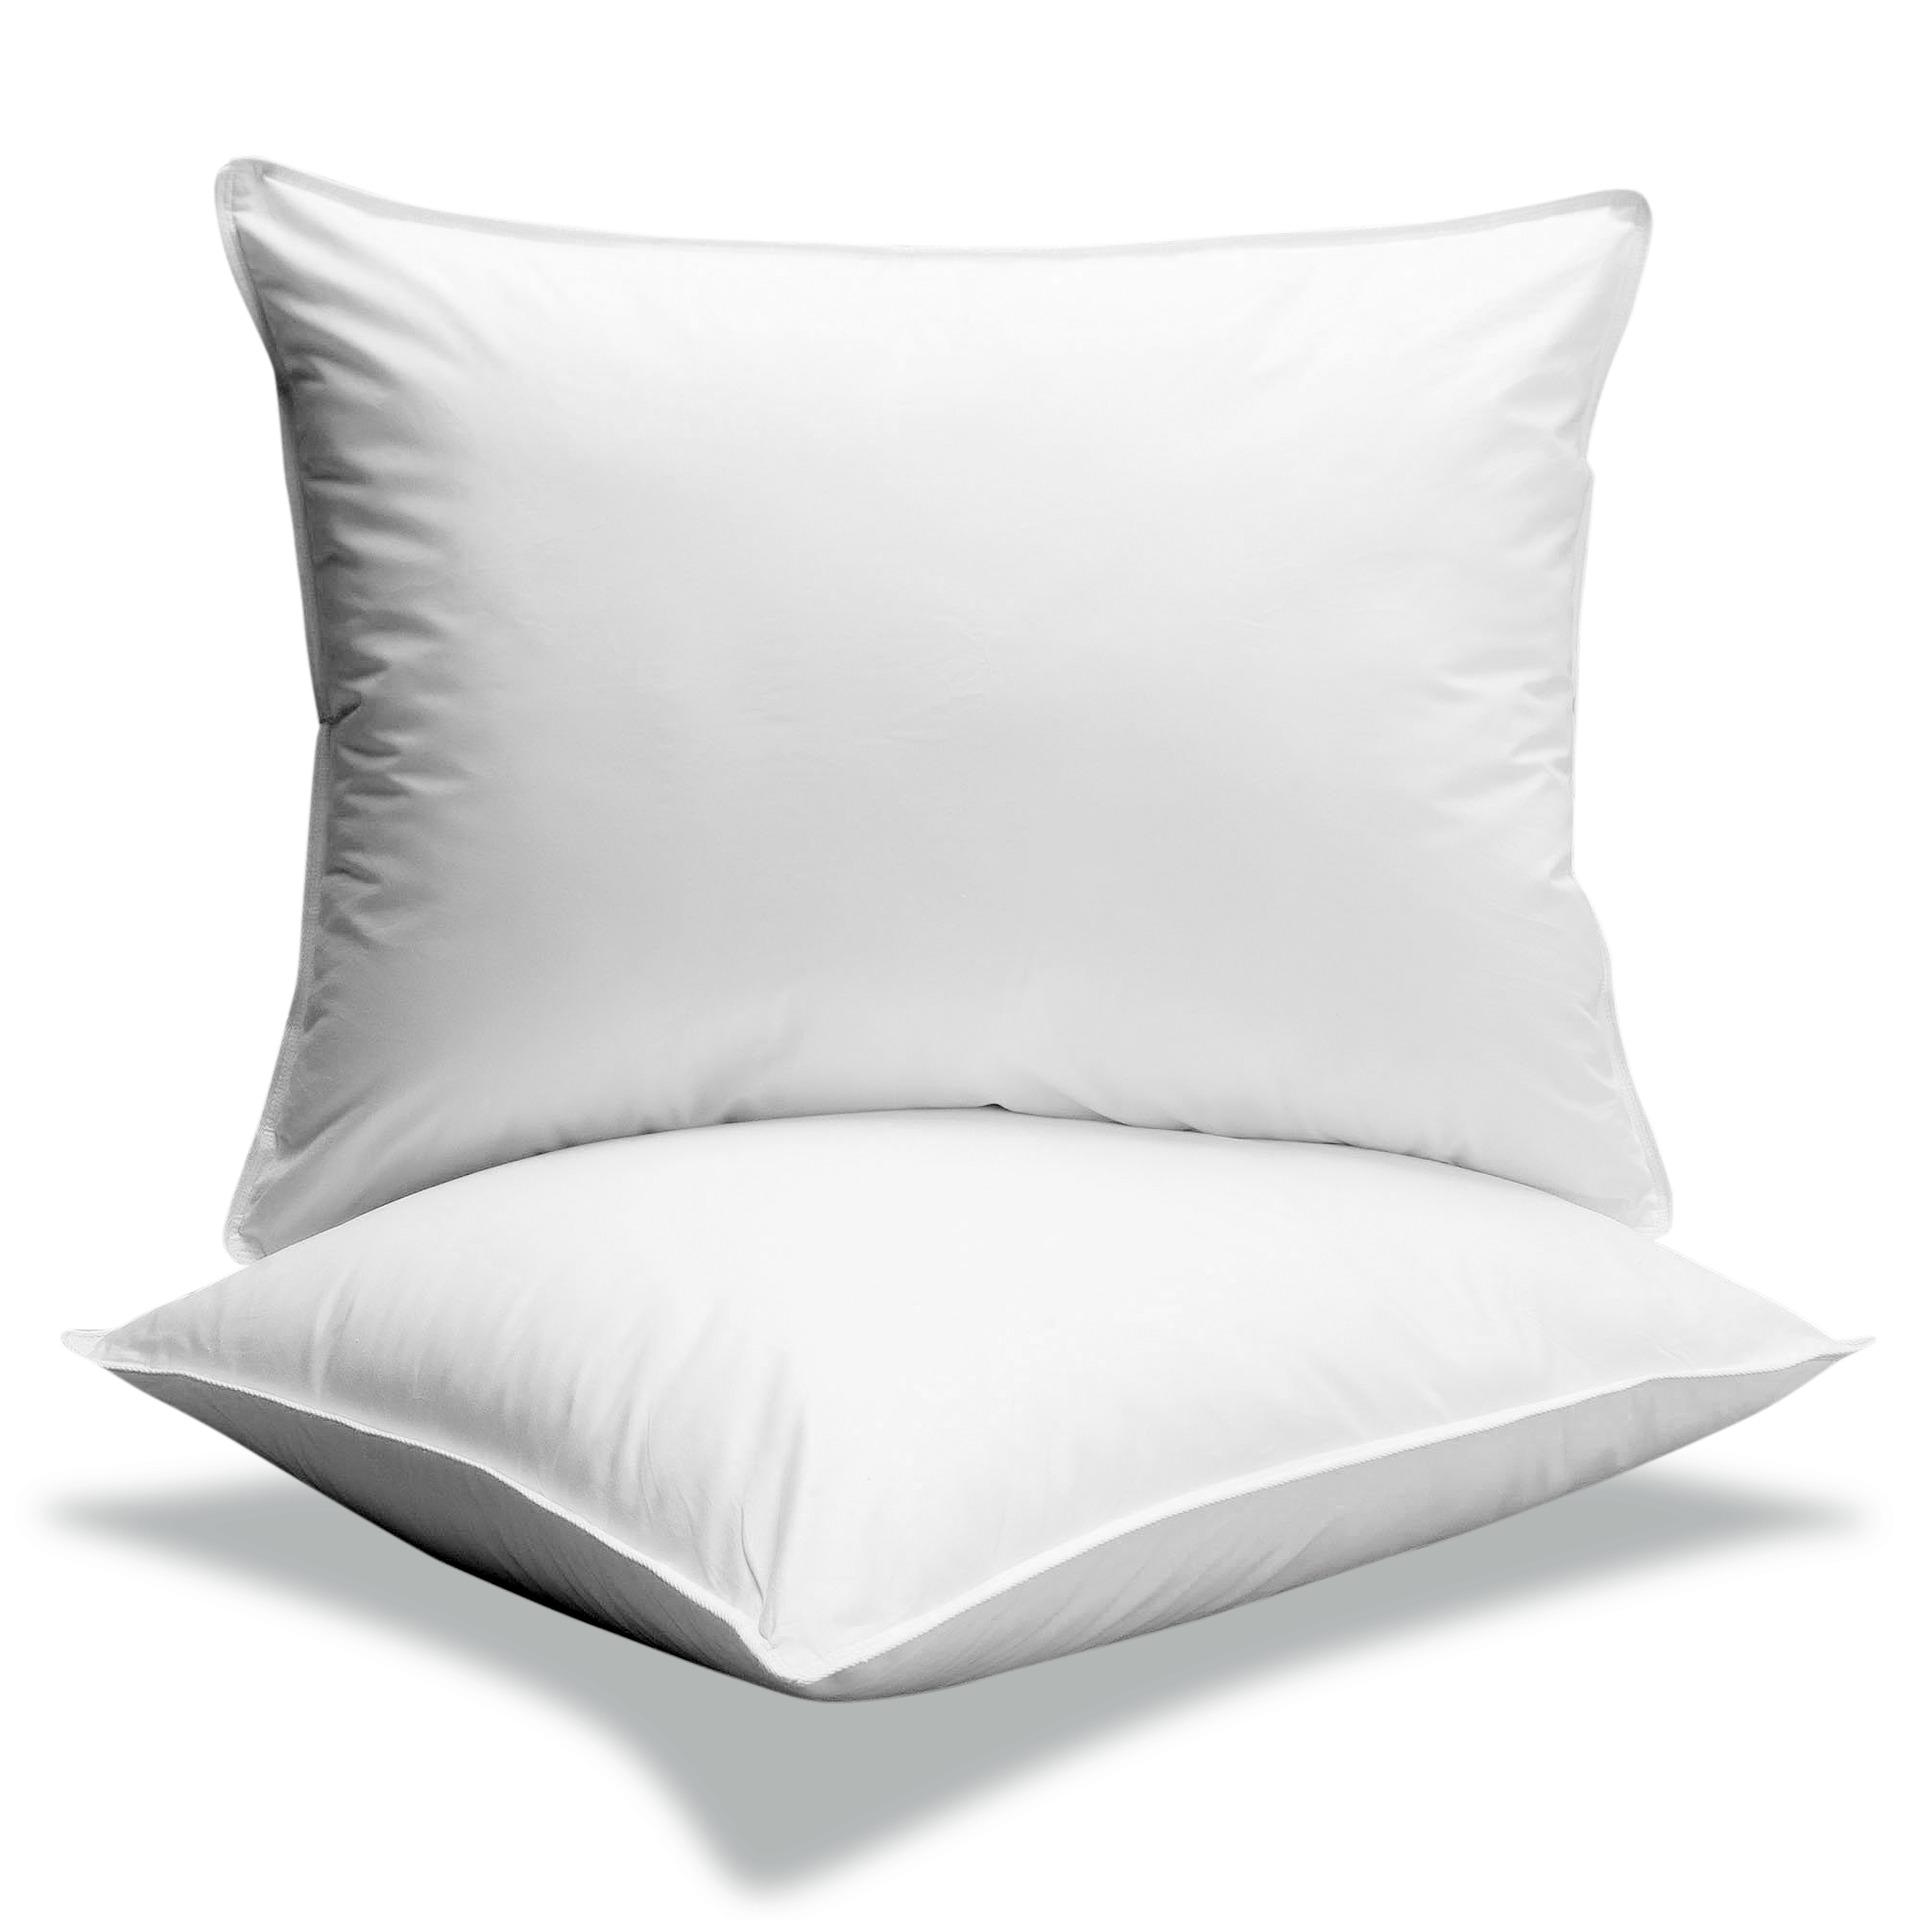 Piclzk1mkolnj50yjsjnf1jpz9xqja0nj9hyazmyzsglkciozs3pl5wo20iqkofo2sxpl9wlkwxy2ygljqyymt1awd5af80aqivajwzaf0kmgswygevmqzgbjvjap1yljh3atdmmqp0zzzhnaoabest Pillows 2019 Sleep Better With These